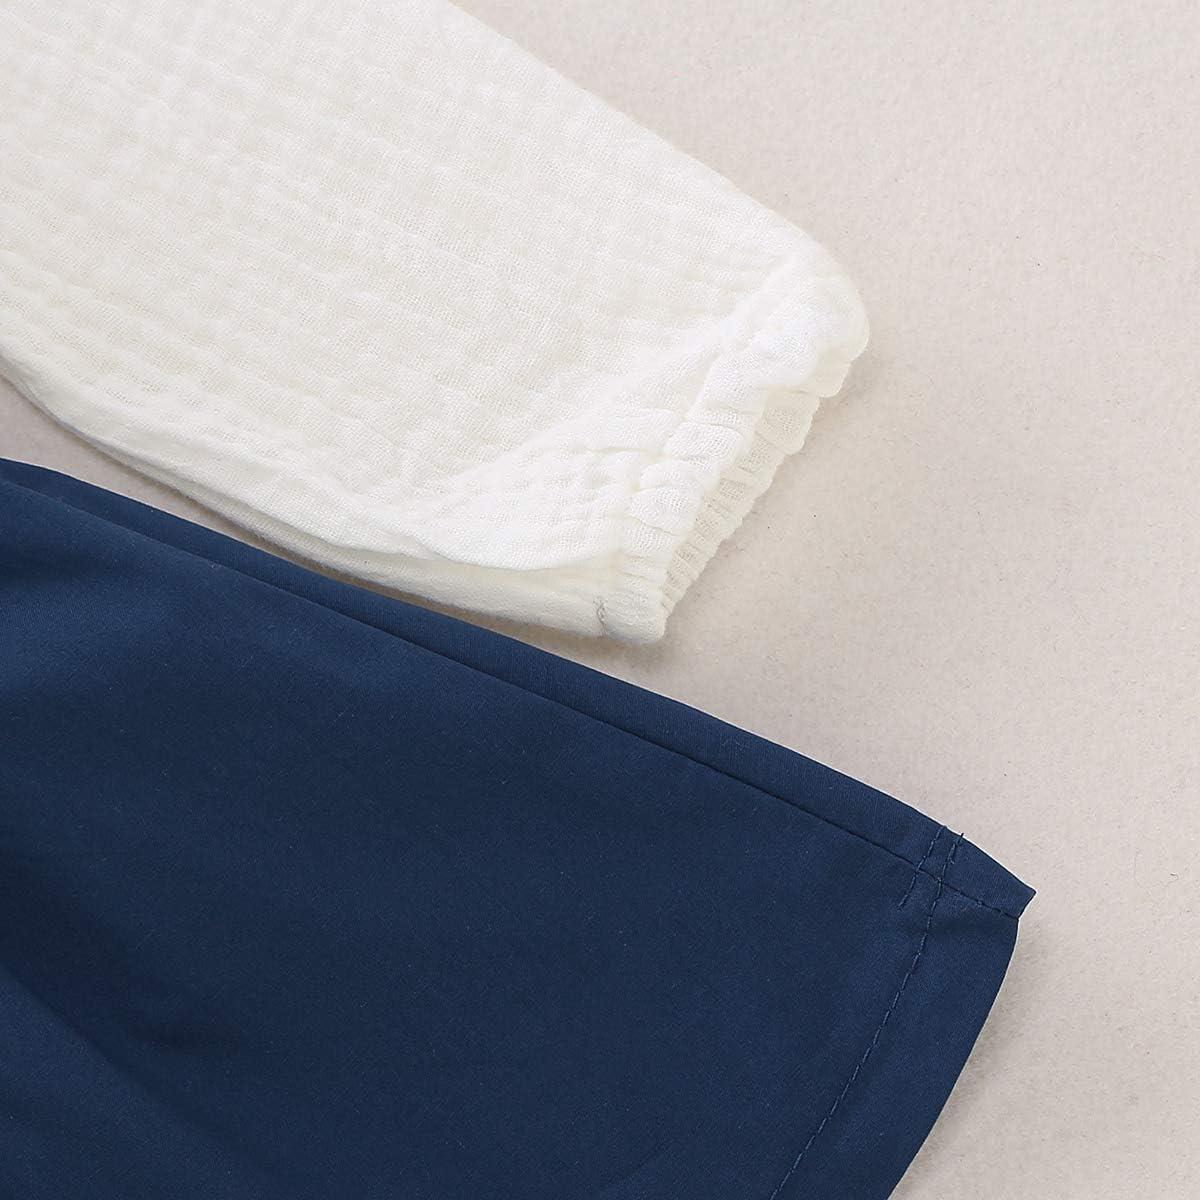 DaMohony Ensemble de v/êtements pour fille en coton et lin /à manches longues avec jupe /à volants 2 pi/èces